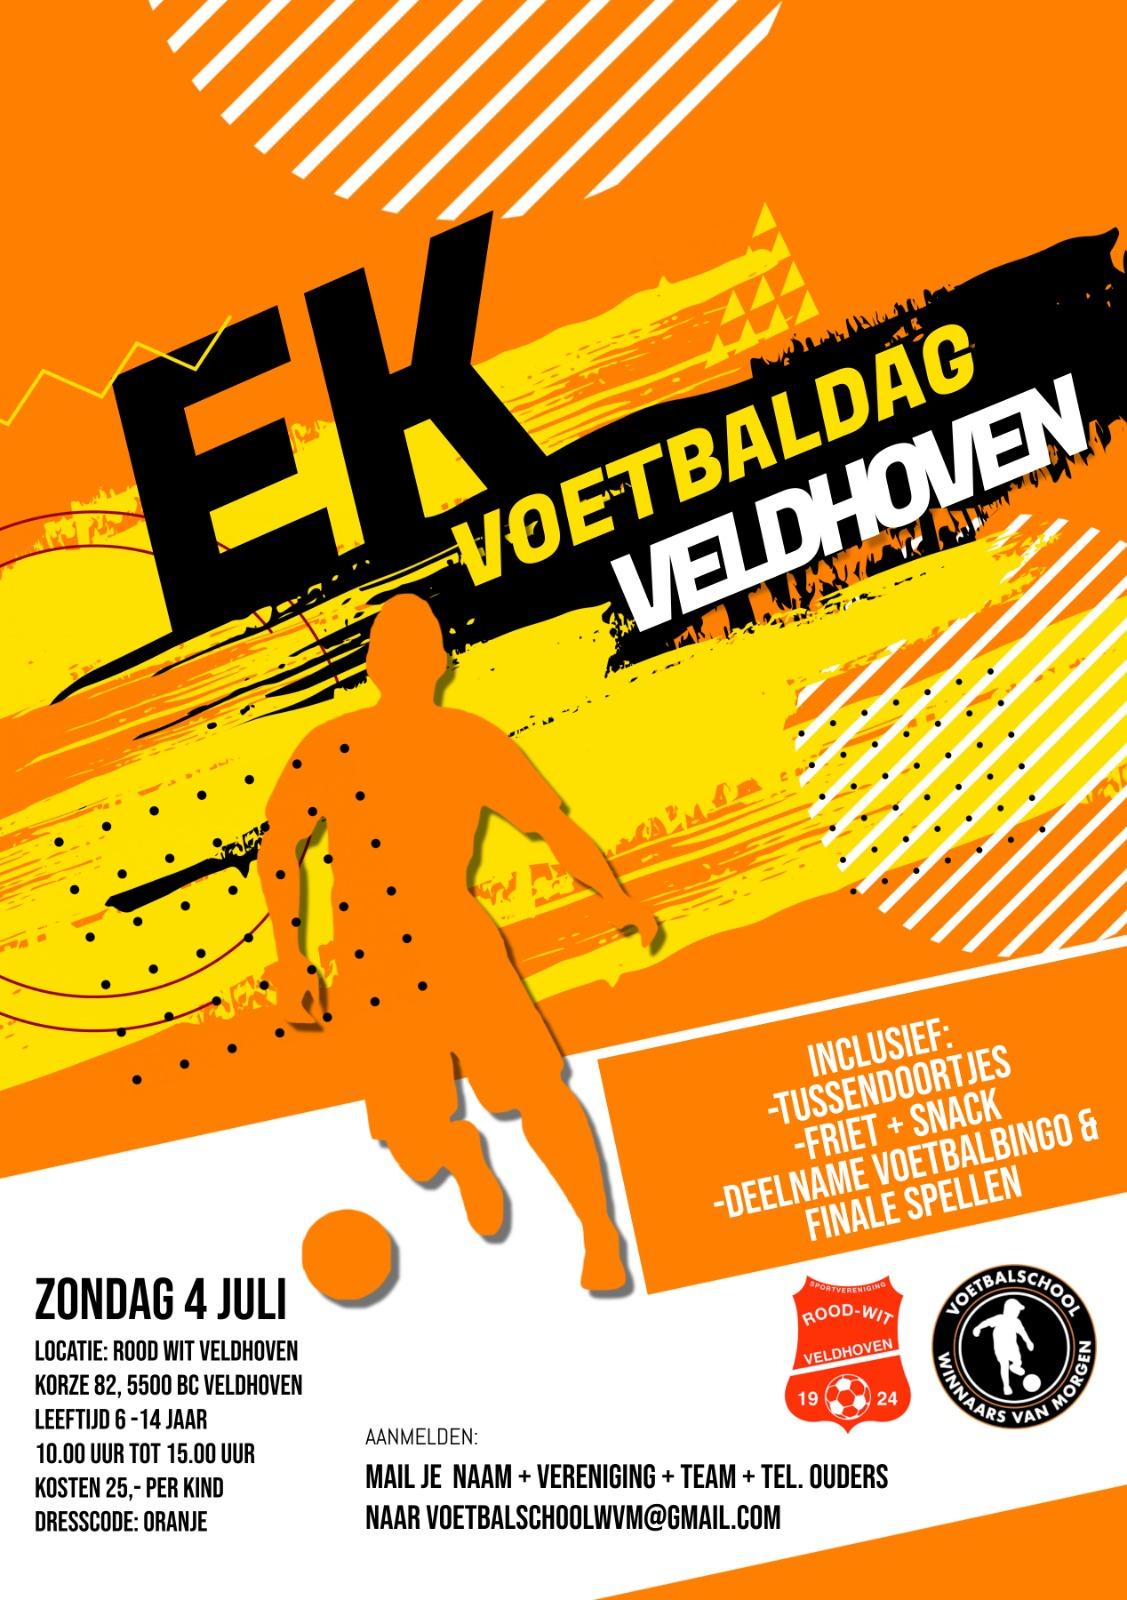 1e editie van de 'EK voetbaldagen Veldhoven' - Update